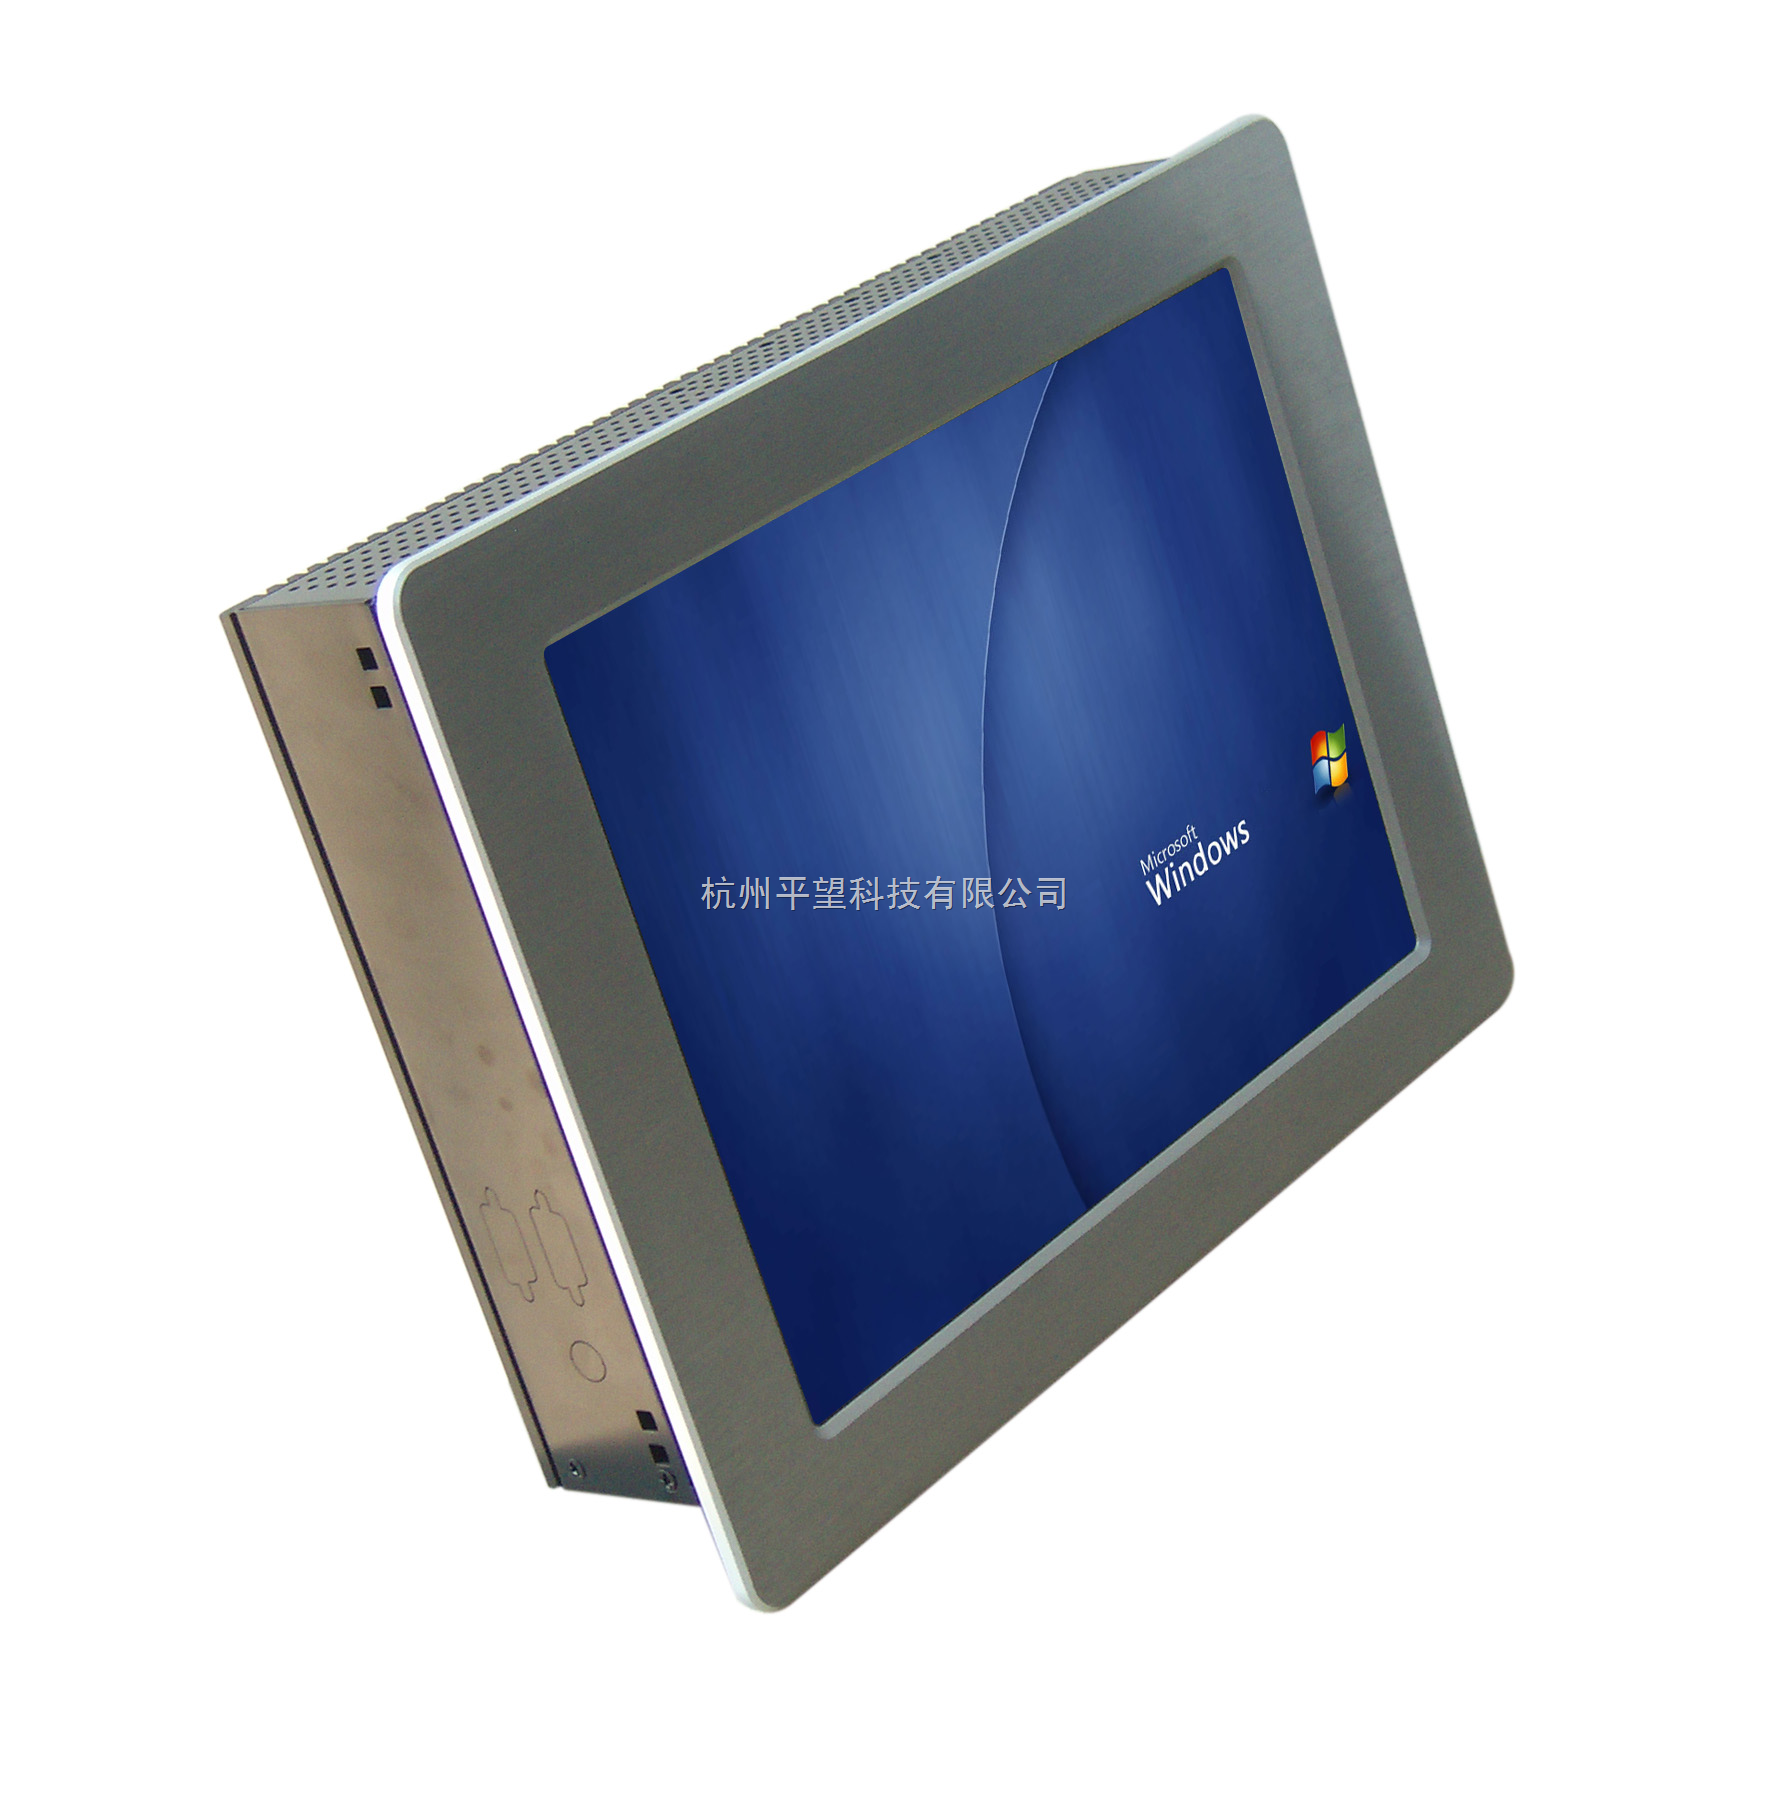 ctn-gb0312gd12.1寸工业平板电脑-独特无风扇散热设计12.